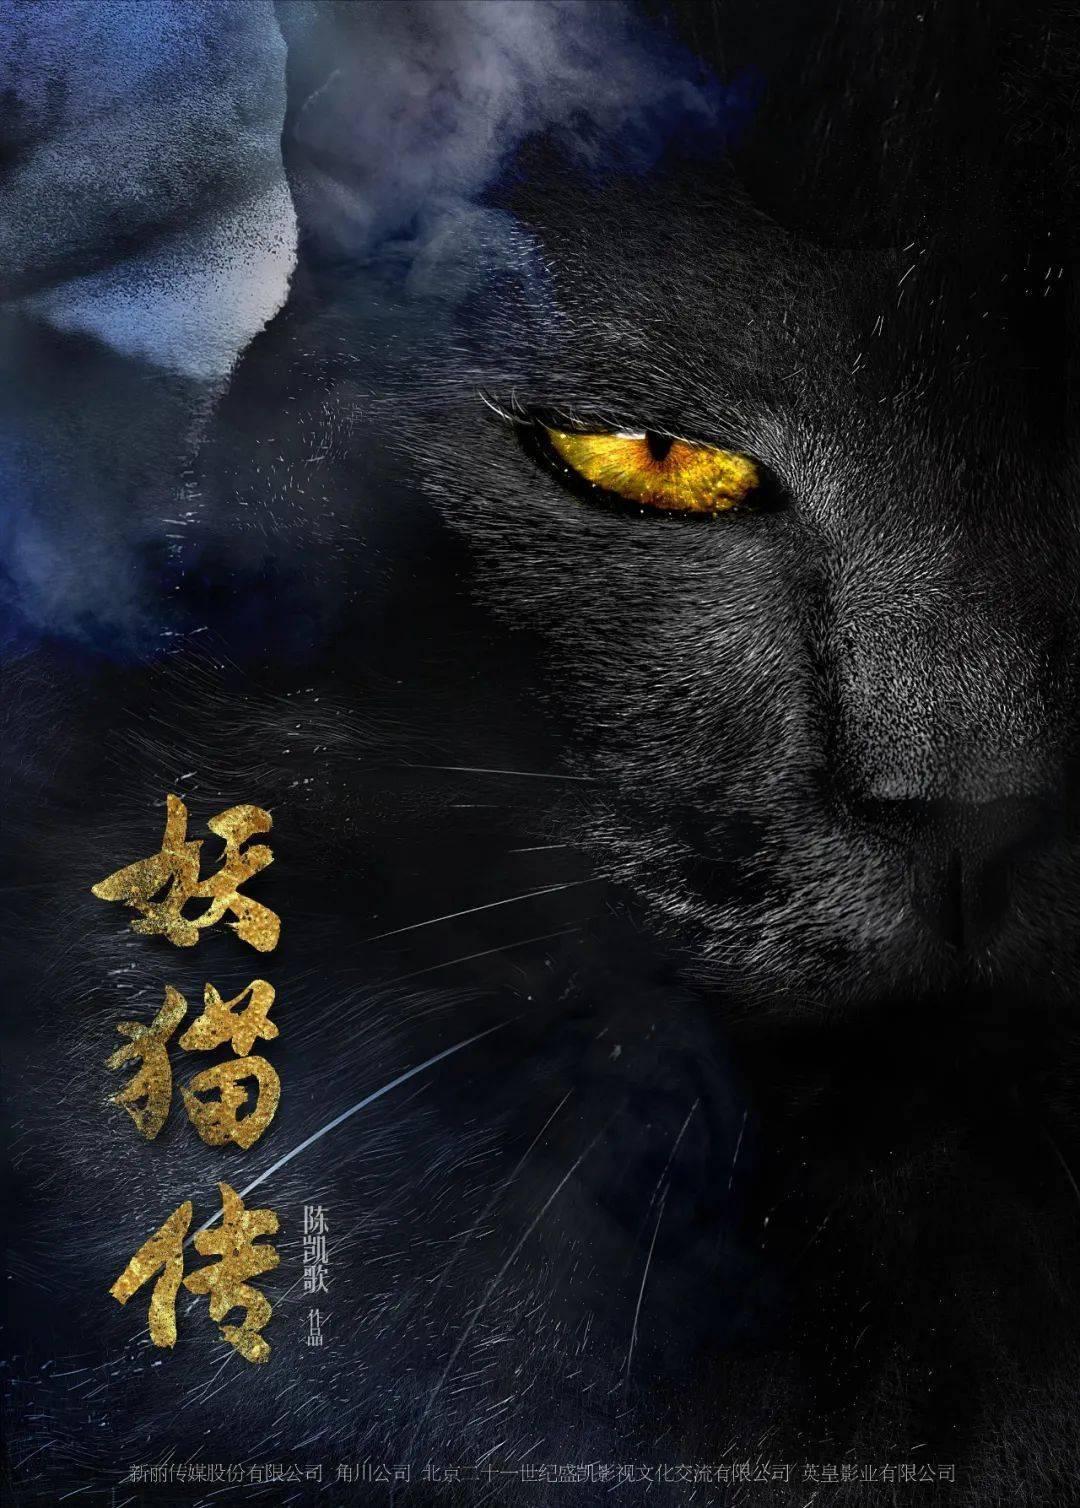 陈凯歌为什么要致力于拍摄一部假盛唐电影?《妖猫传》